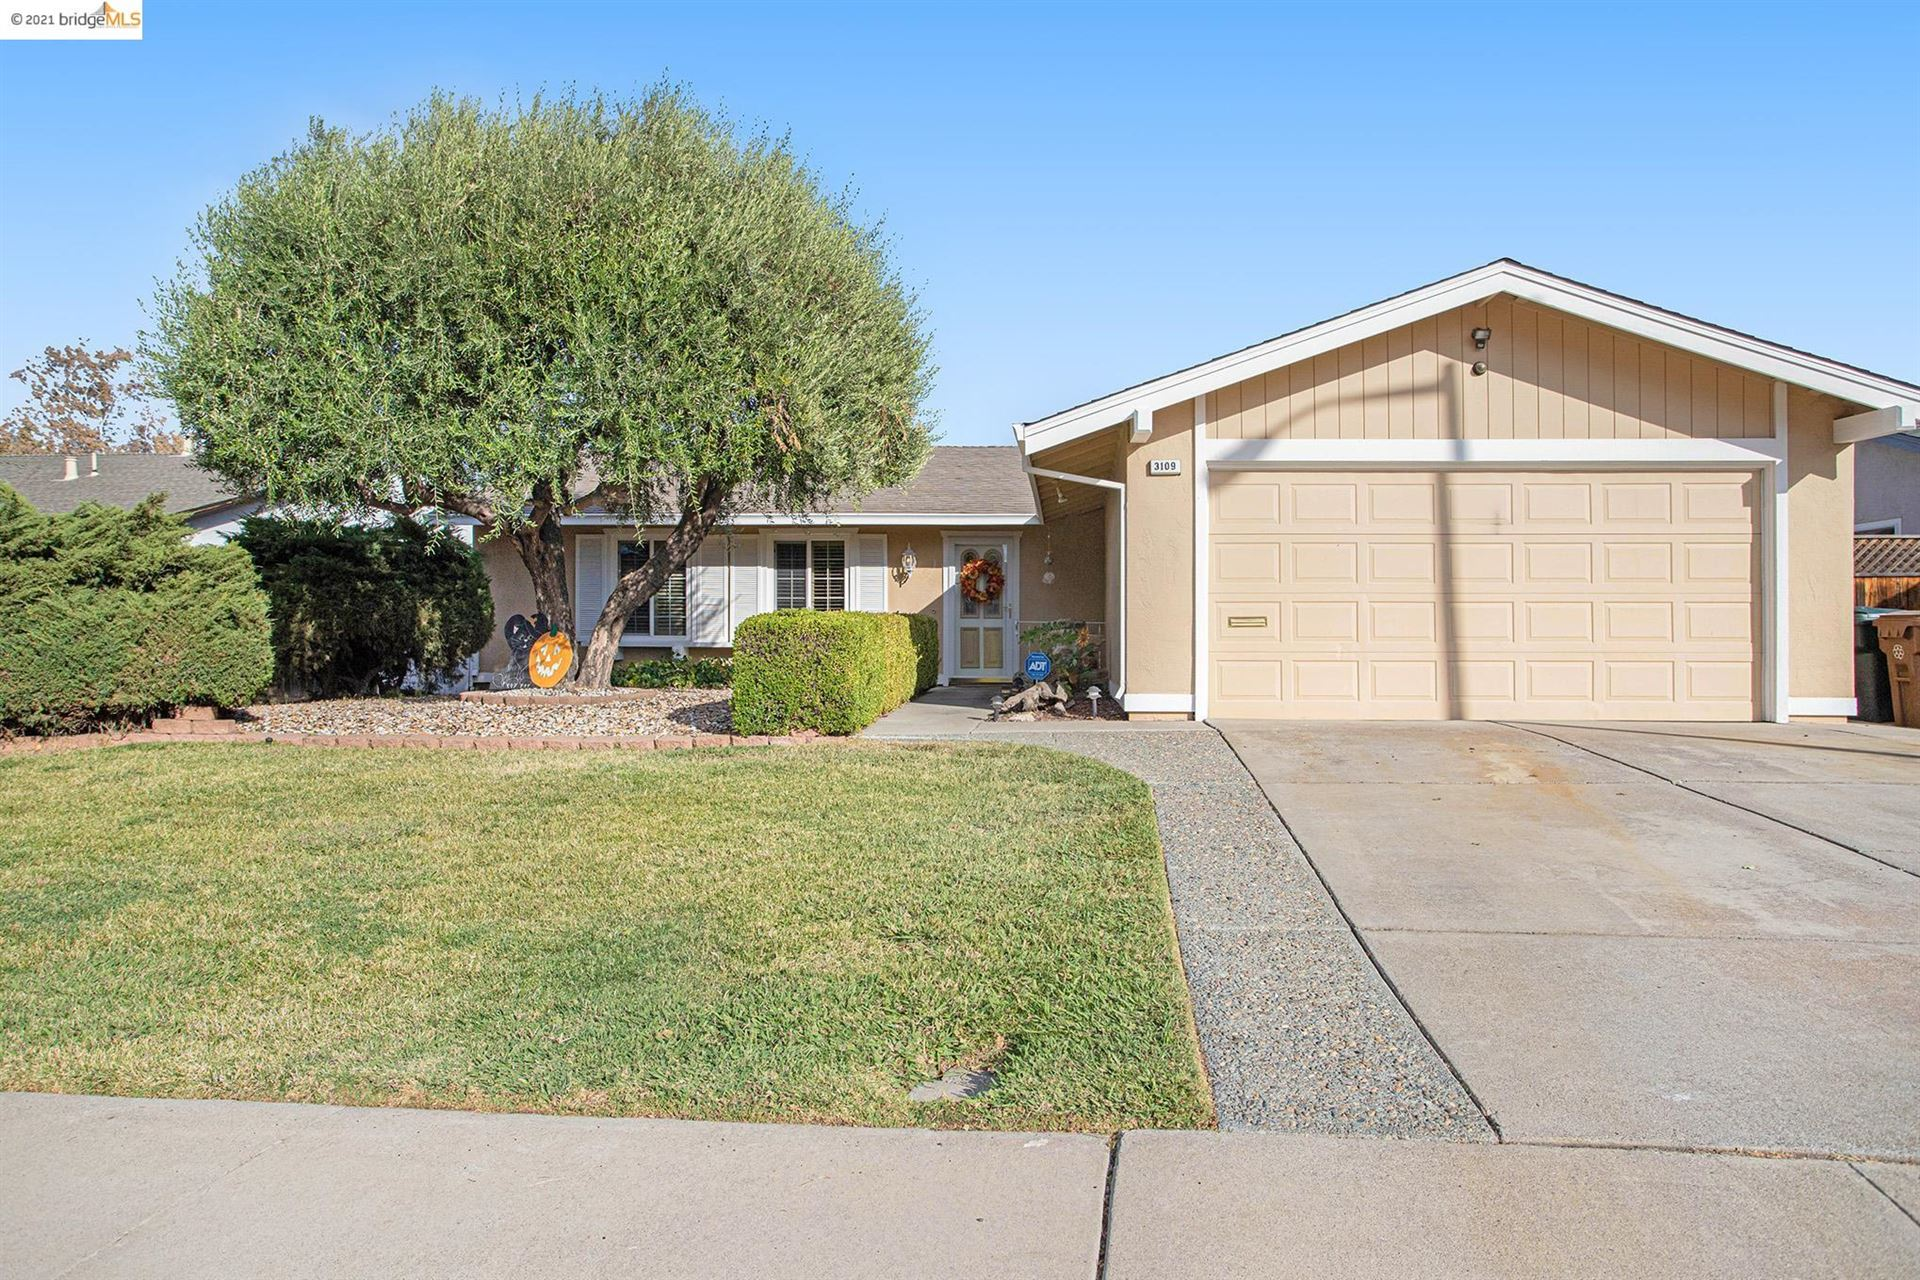 Photo of 3109 Jackson Pl, Antioch, CA 94509 (MLS # 40971064)